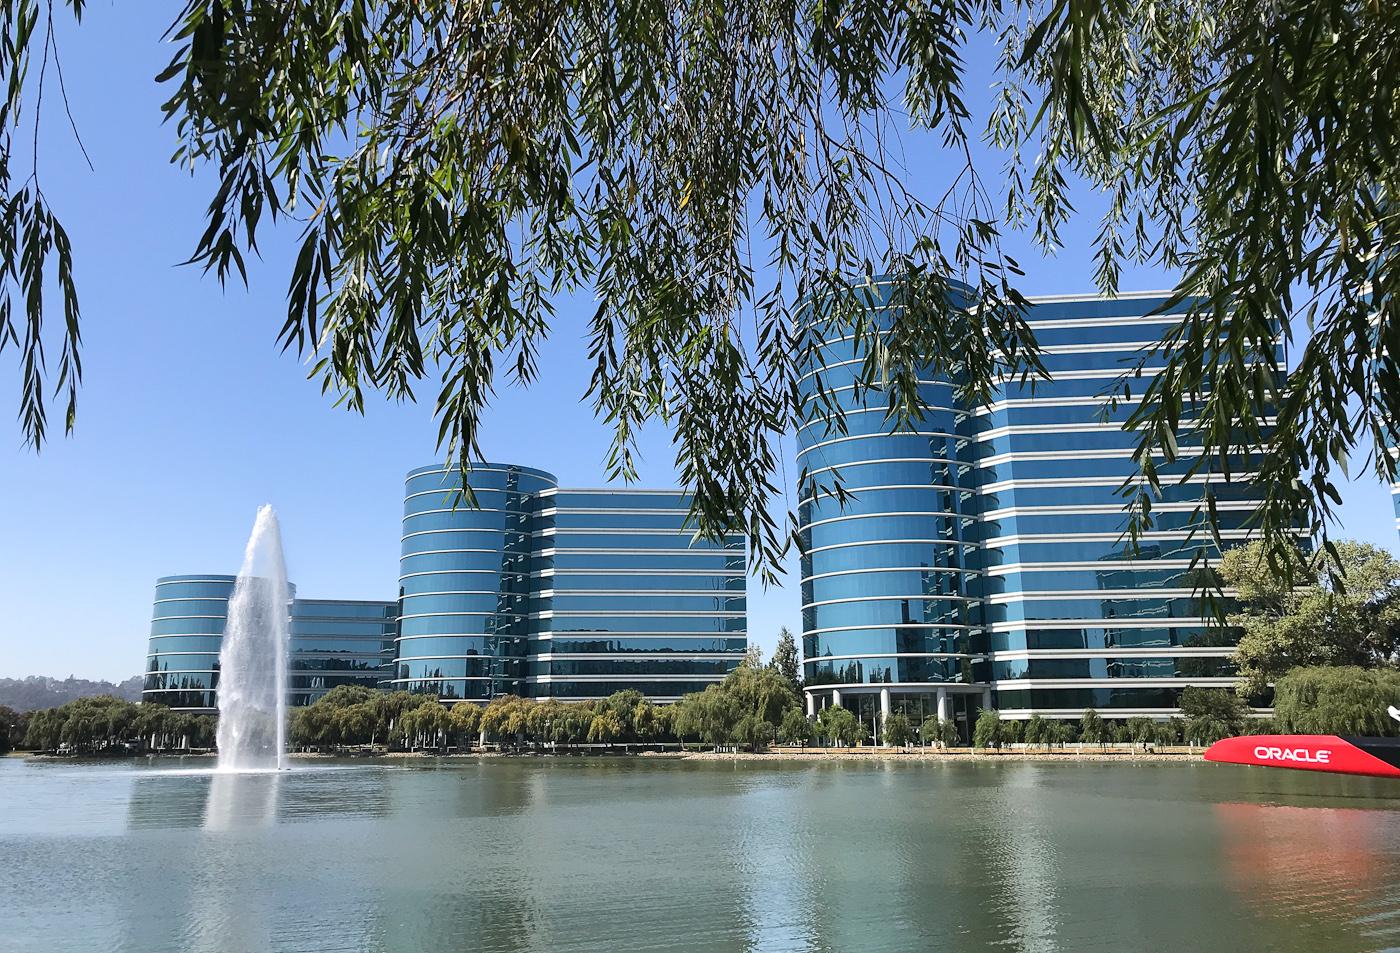 Силиконовая долина — википедия. что такое силиконовая долина